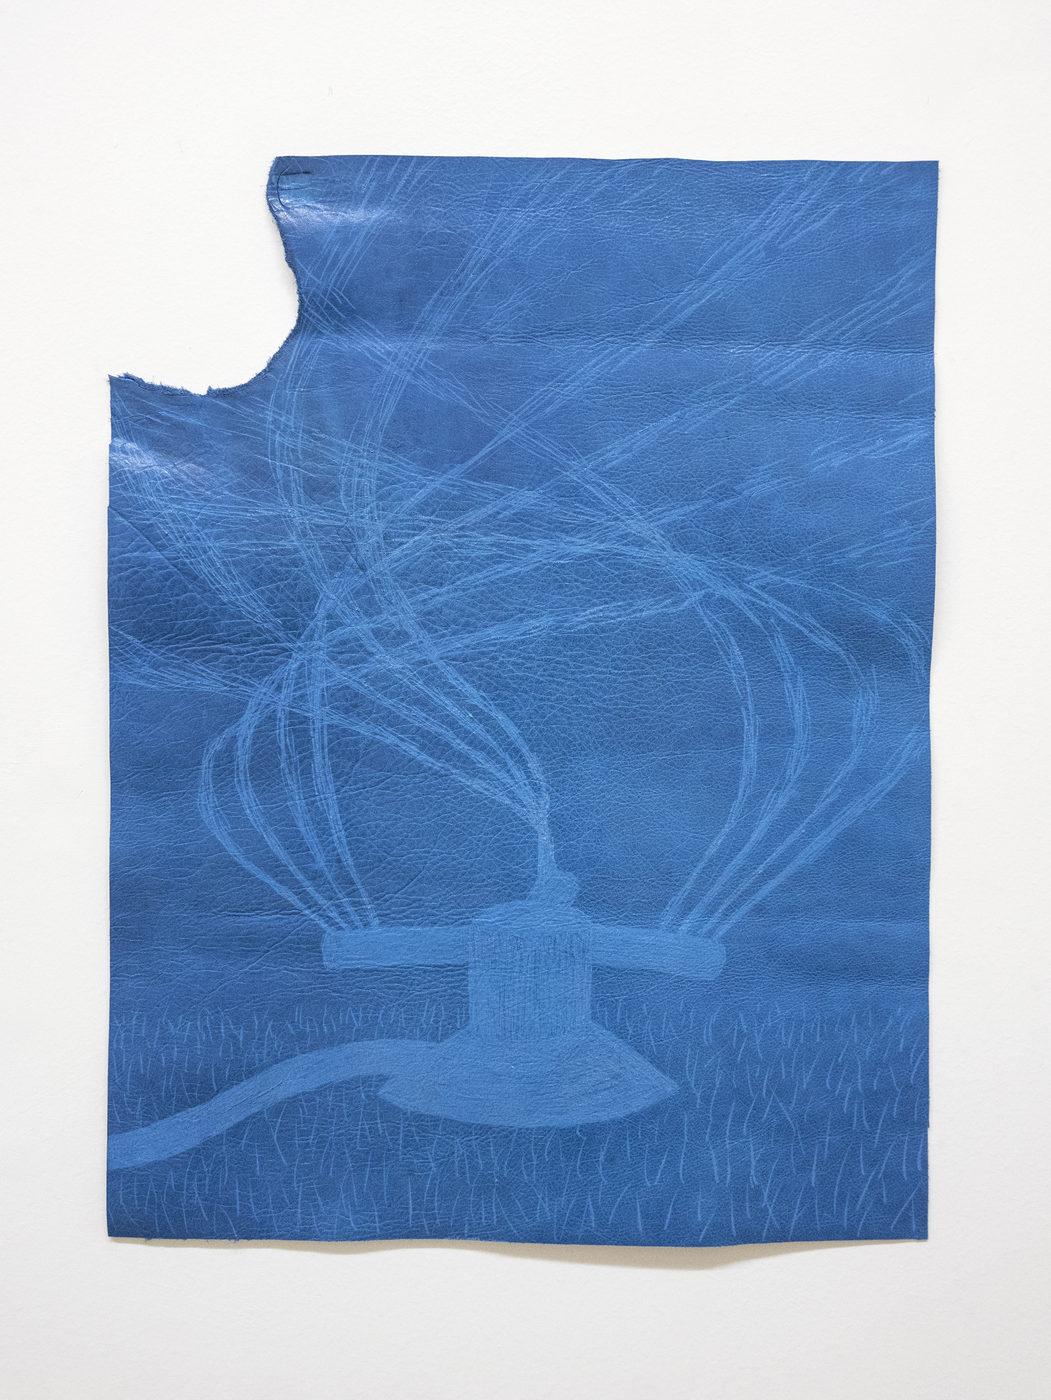 7.AdamCruces-Sprinkler